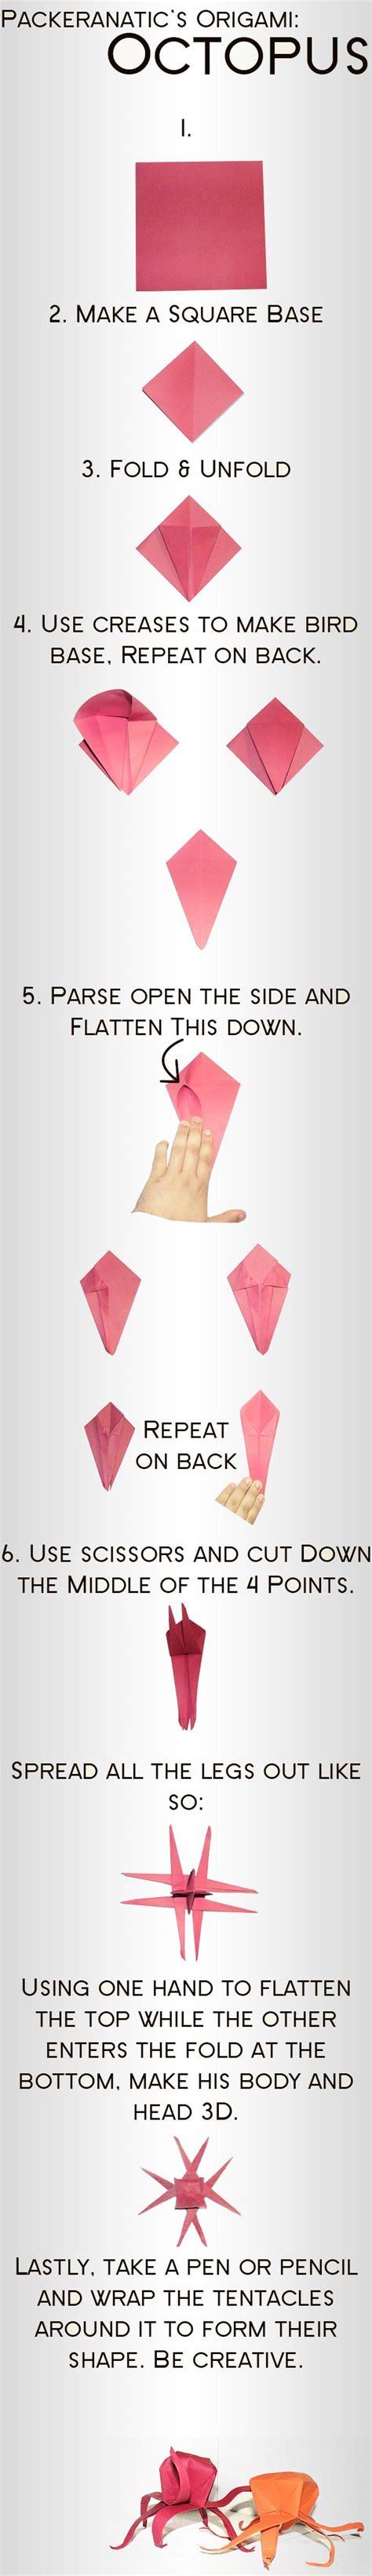 Origami Octopus - origami octopus crafty scissors origami